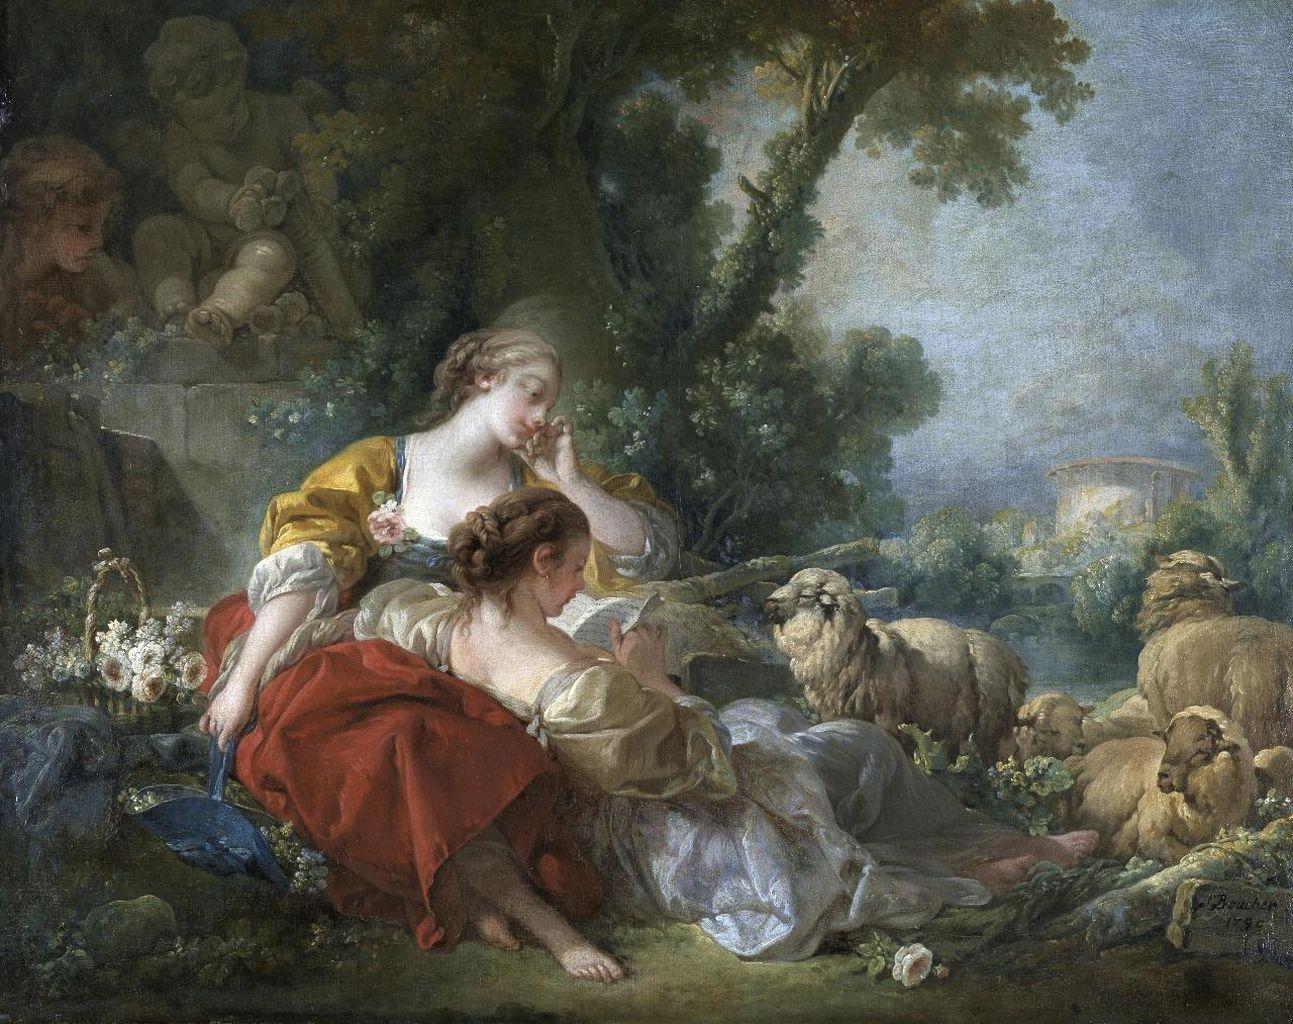 boucher 1760 l_ecole-de-l_amitie karlsruhe-staatliche-kunsthalle